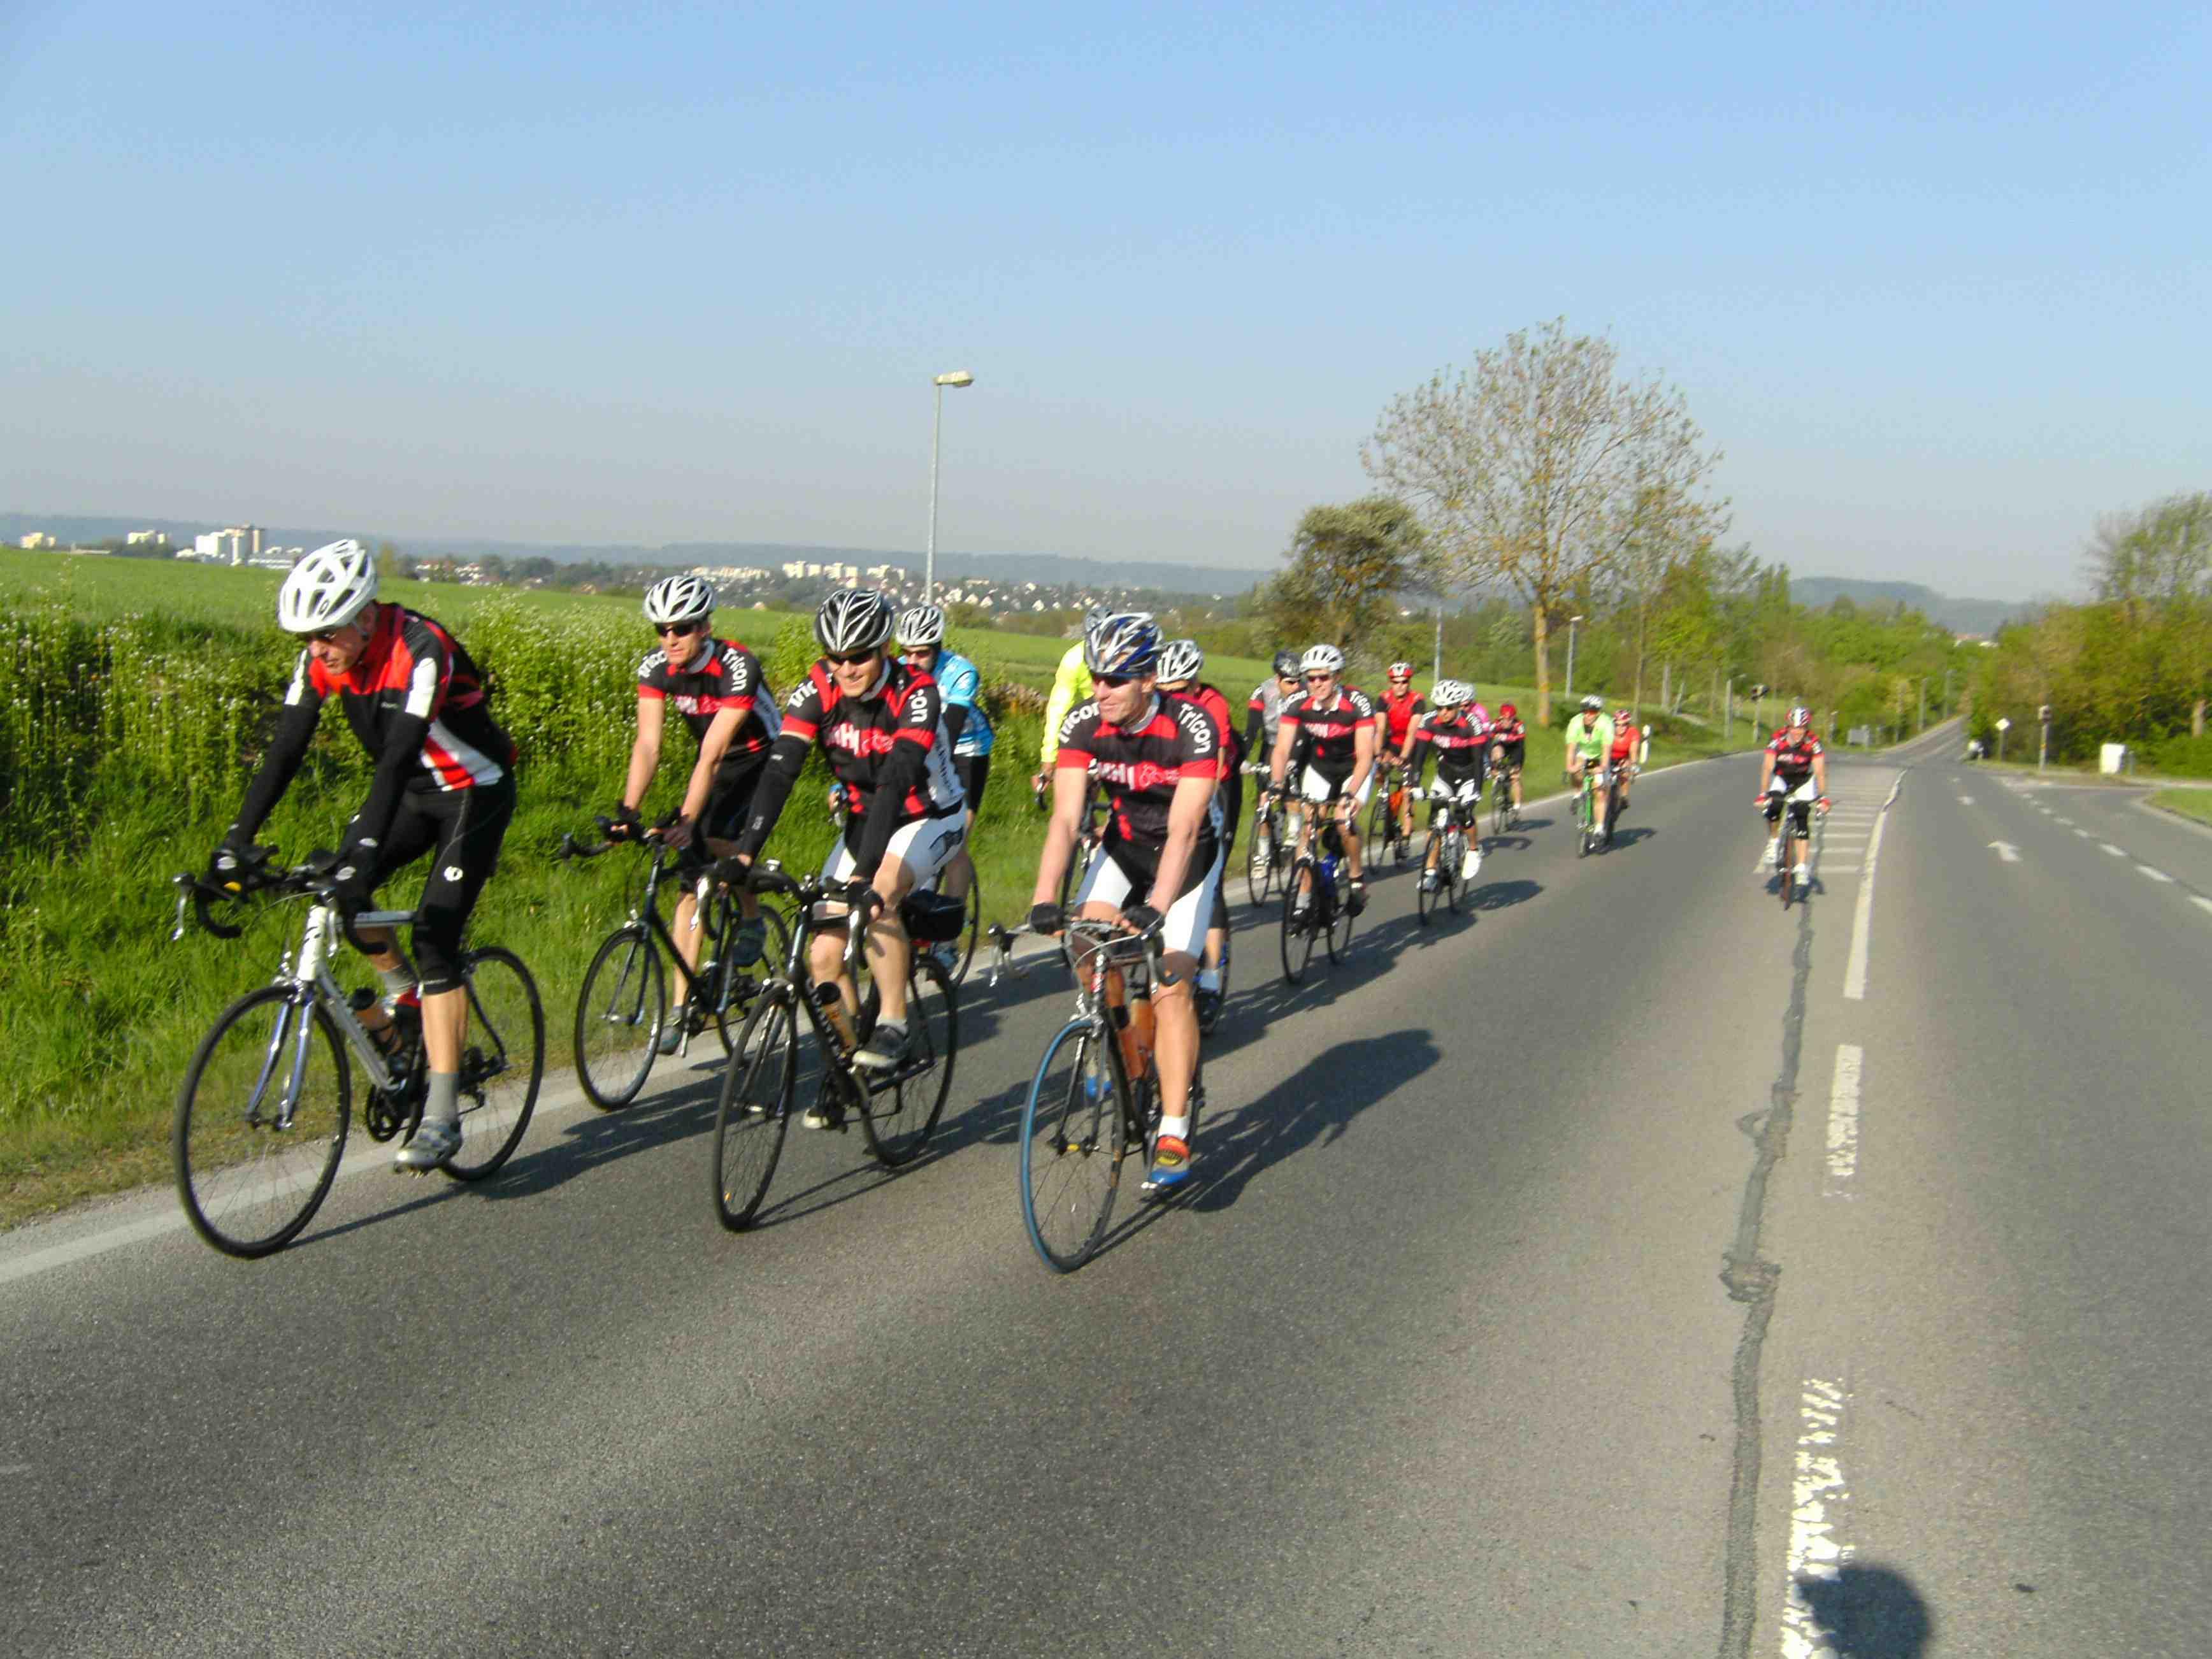 Radgruppe auf Straße